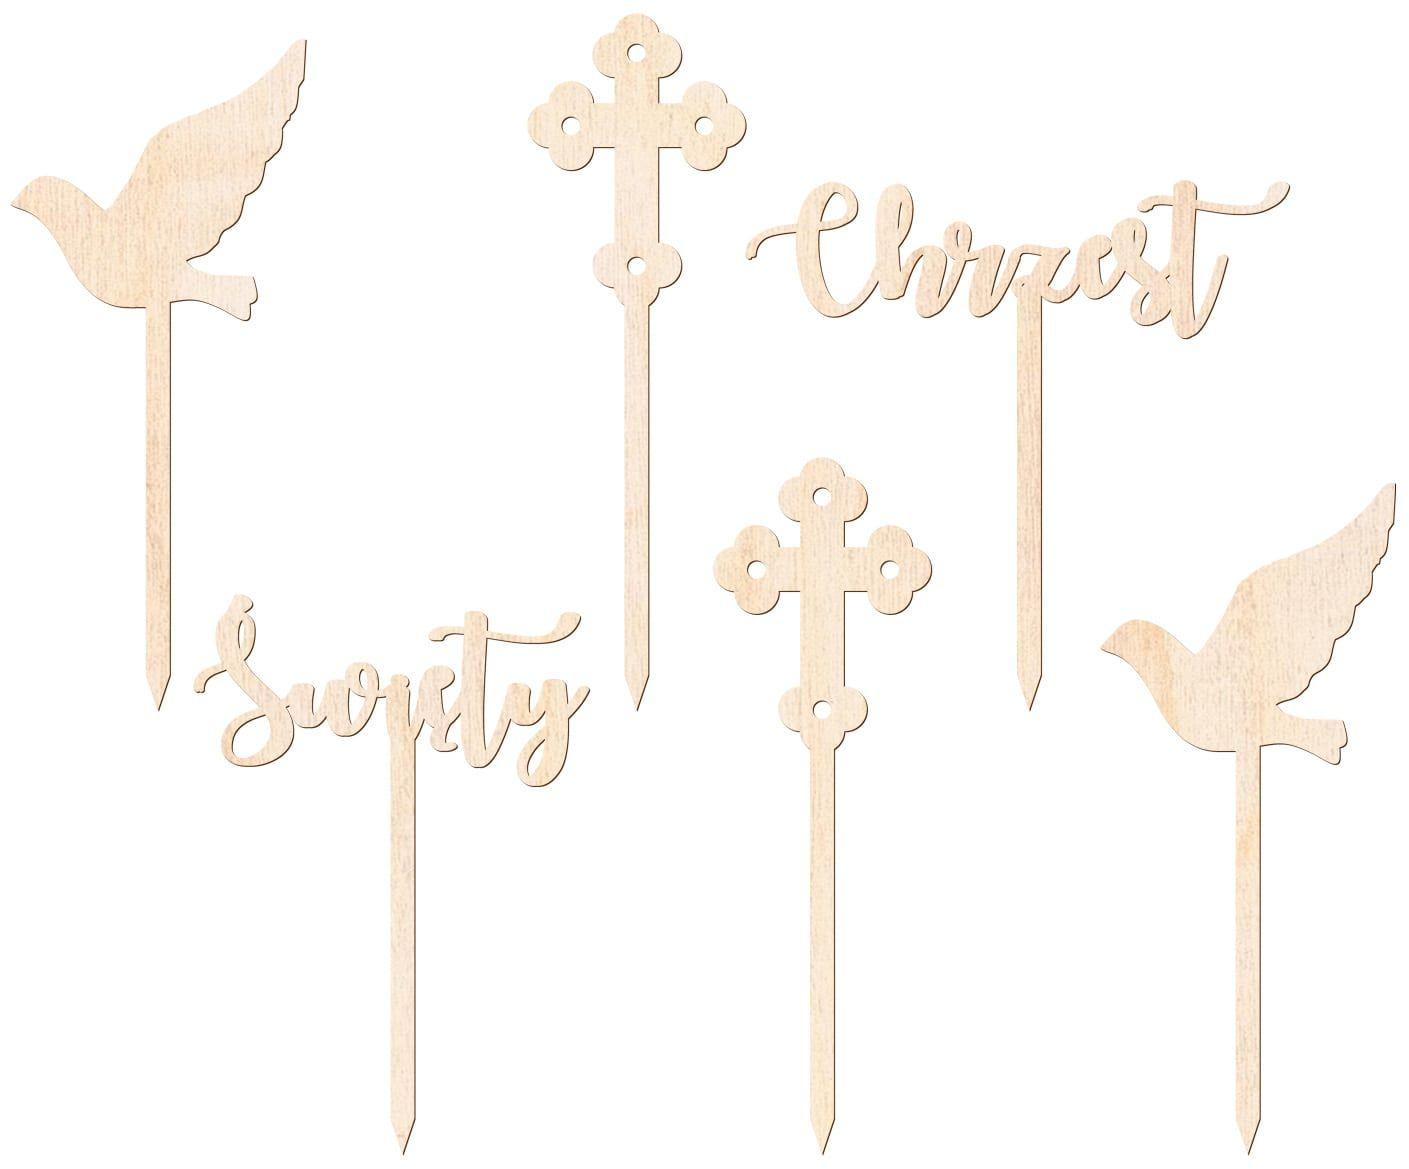 Dekoracje drewniane do muffinek Chrzest Święty - 6 szt.